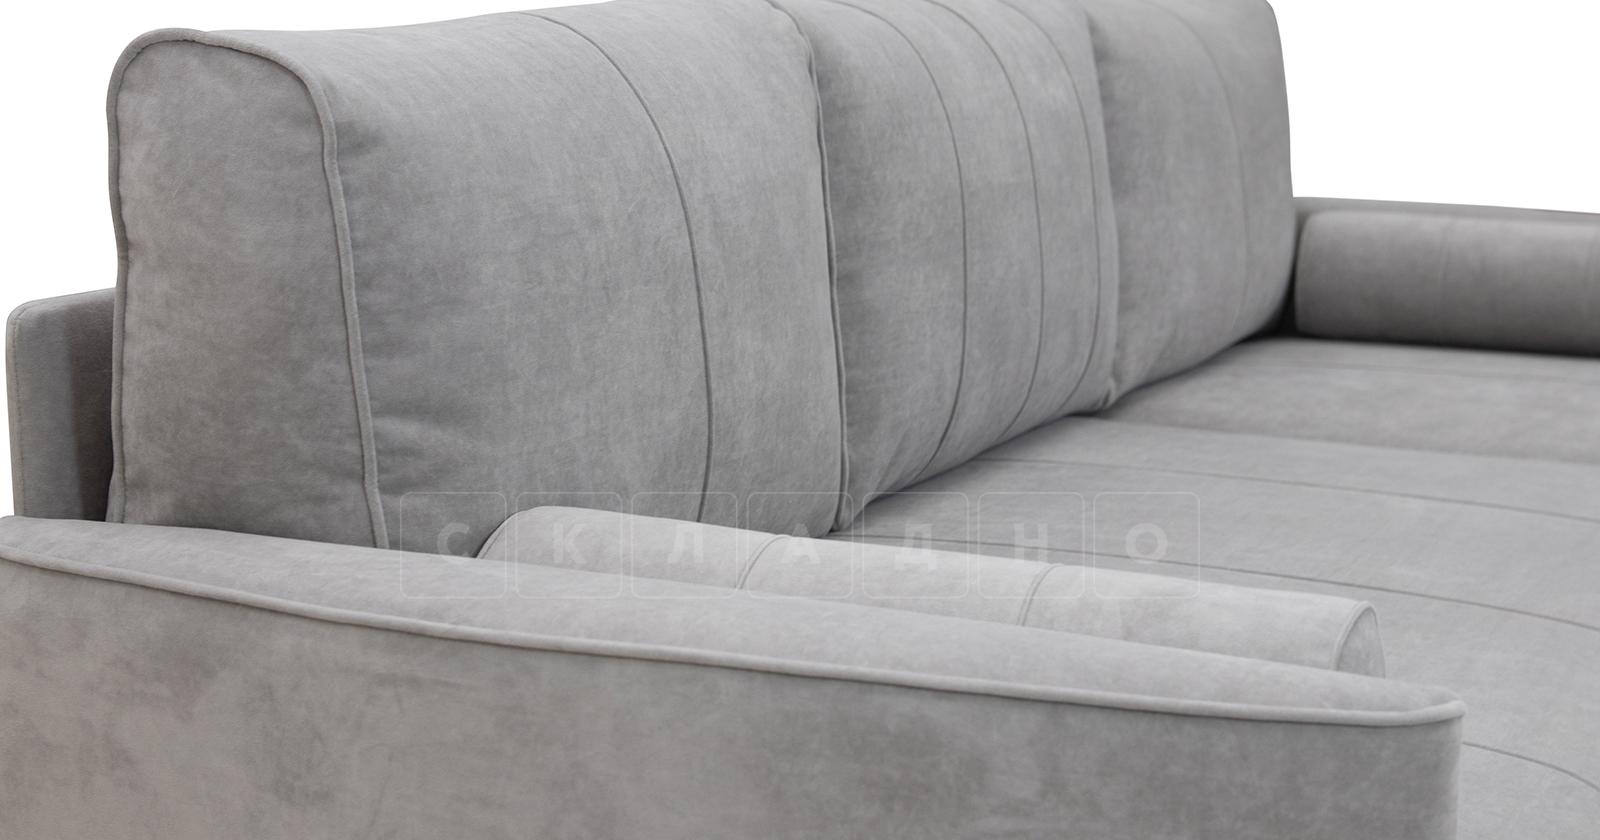 Угловой диван Лорен серебристый серый фото 12 | интернет-магазин Складно